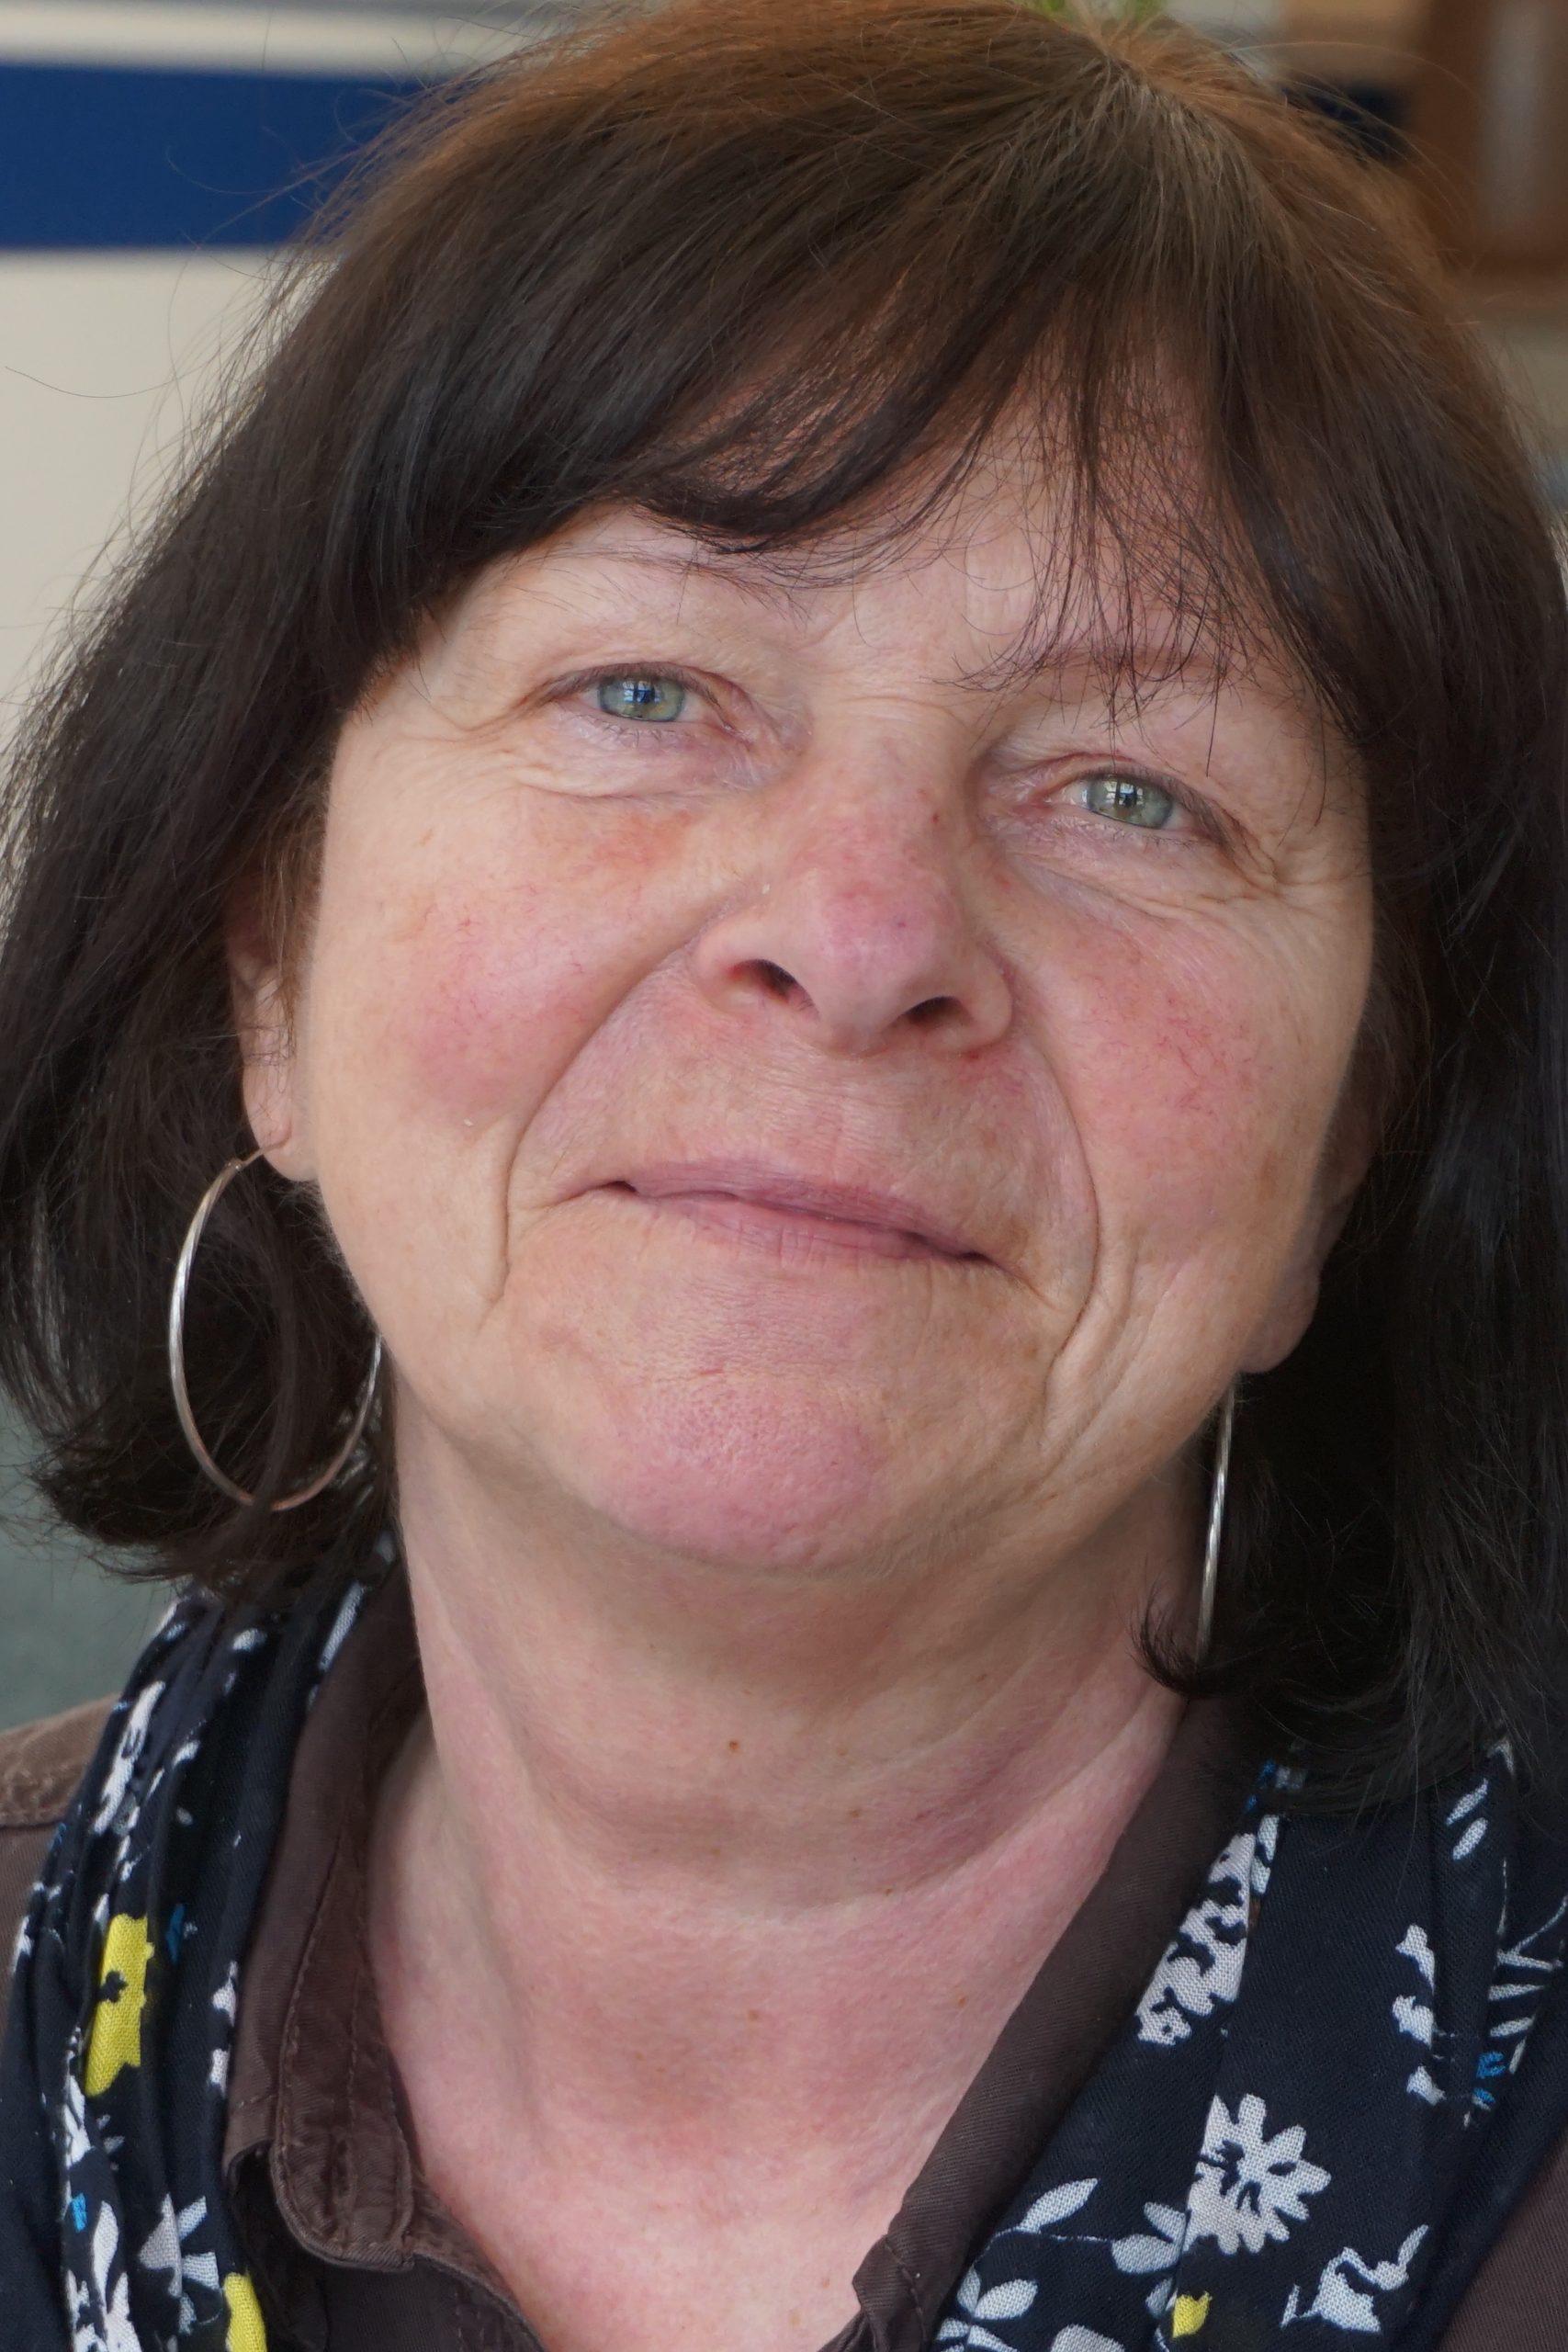 Simone Deutschendort